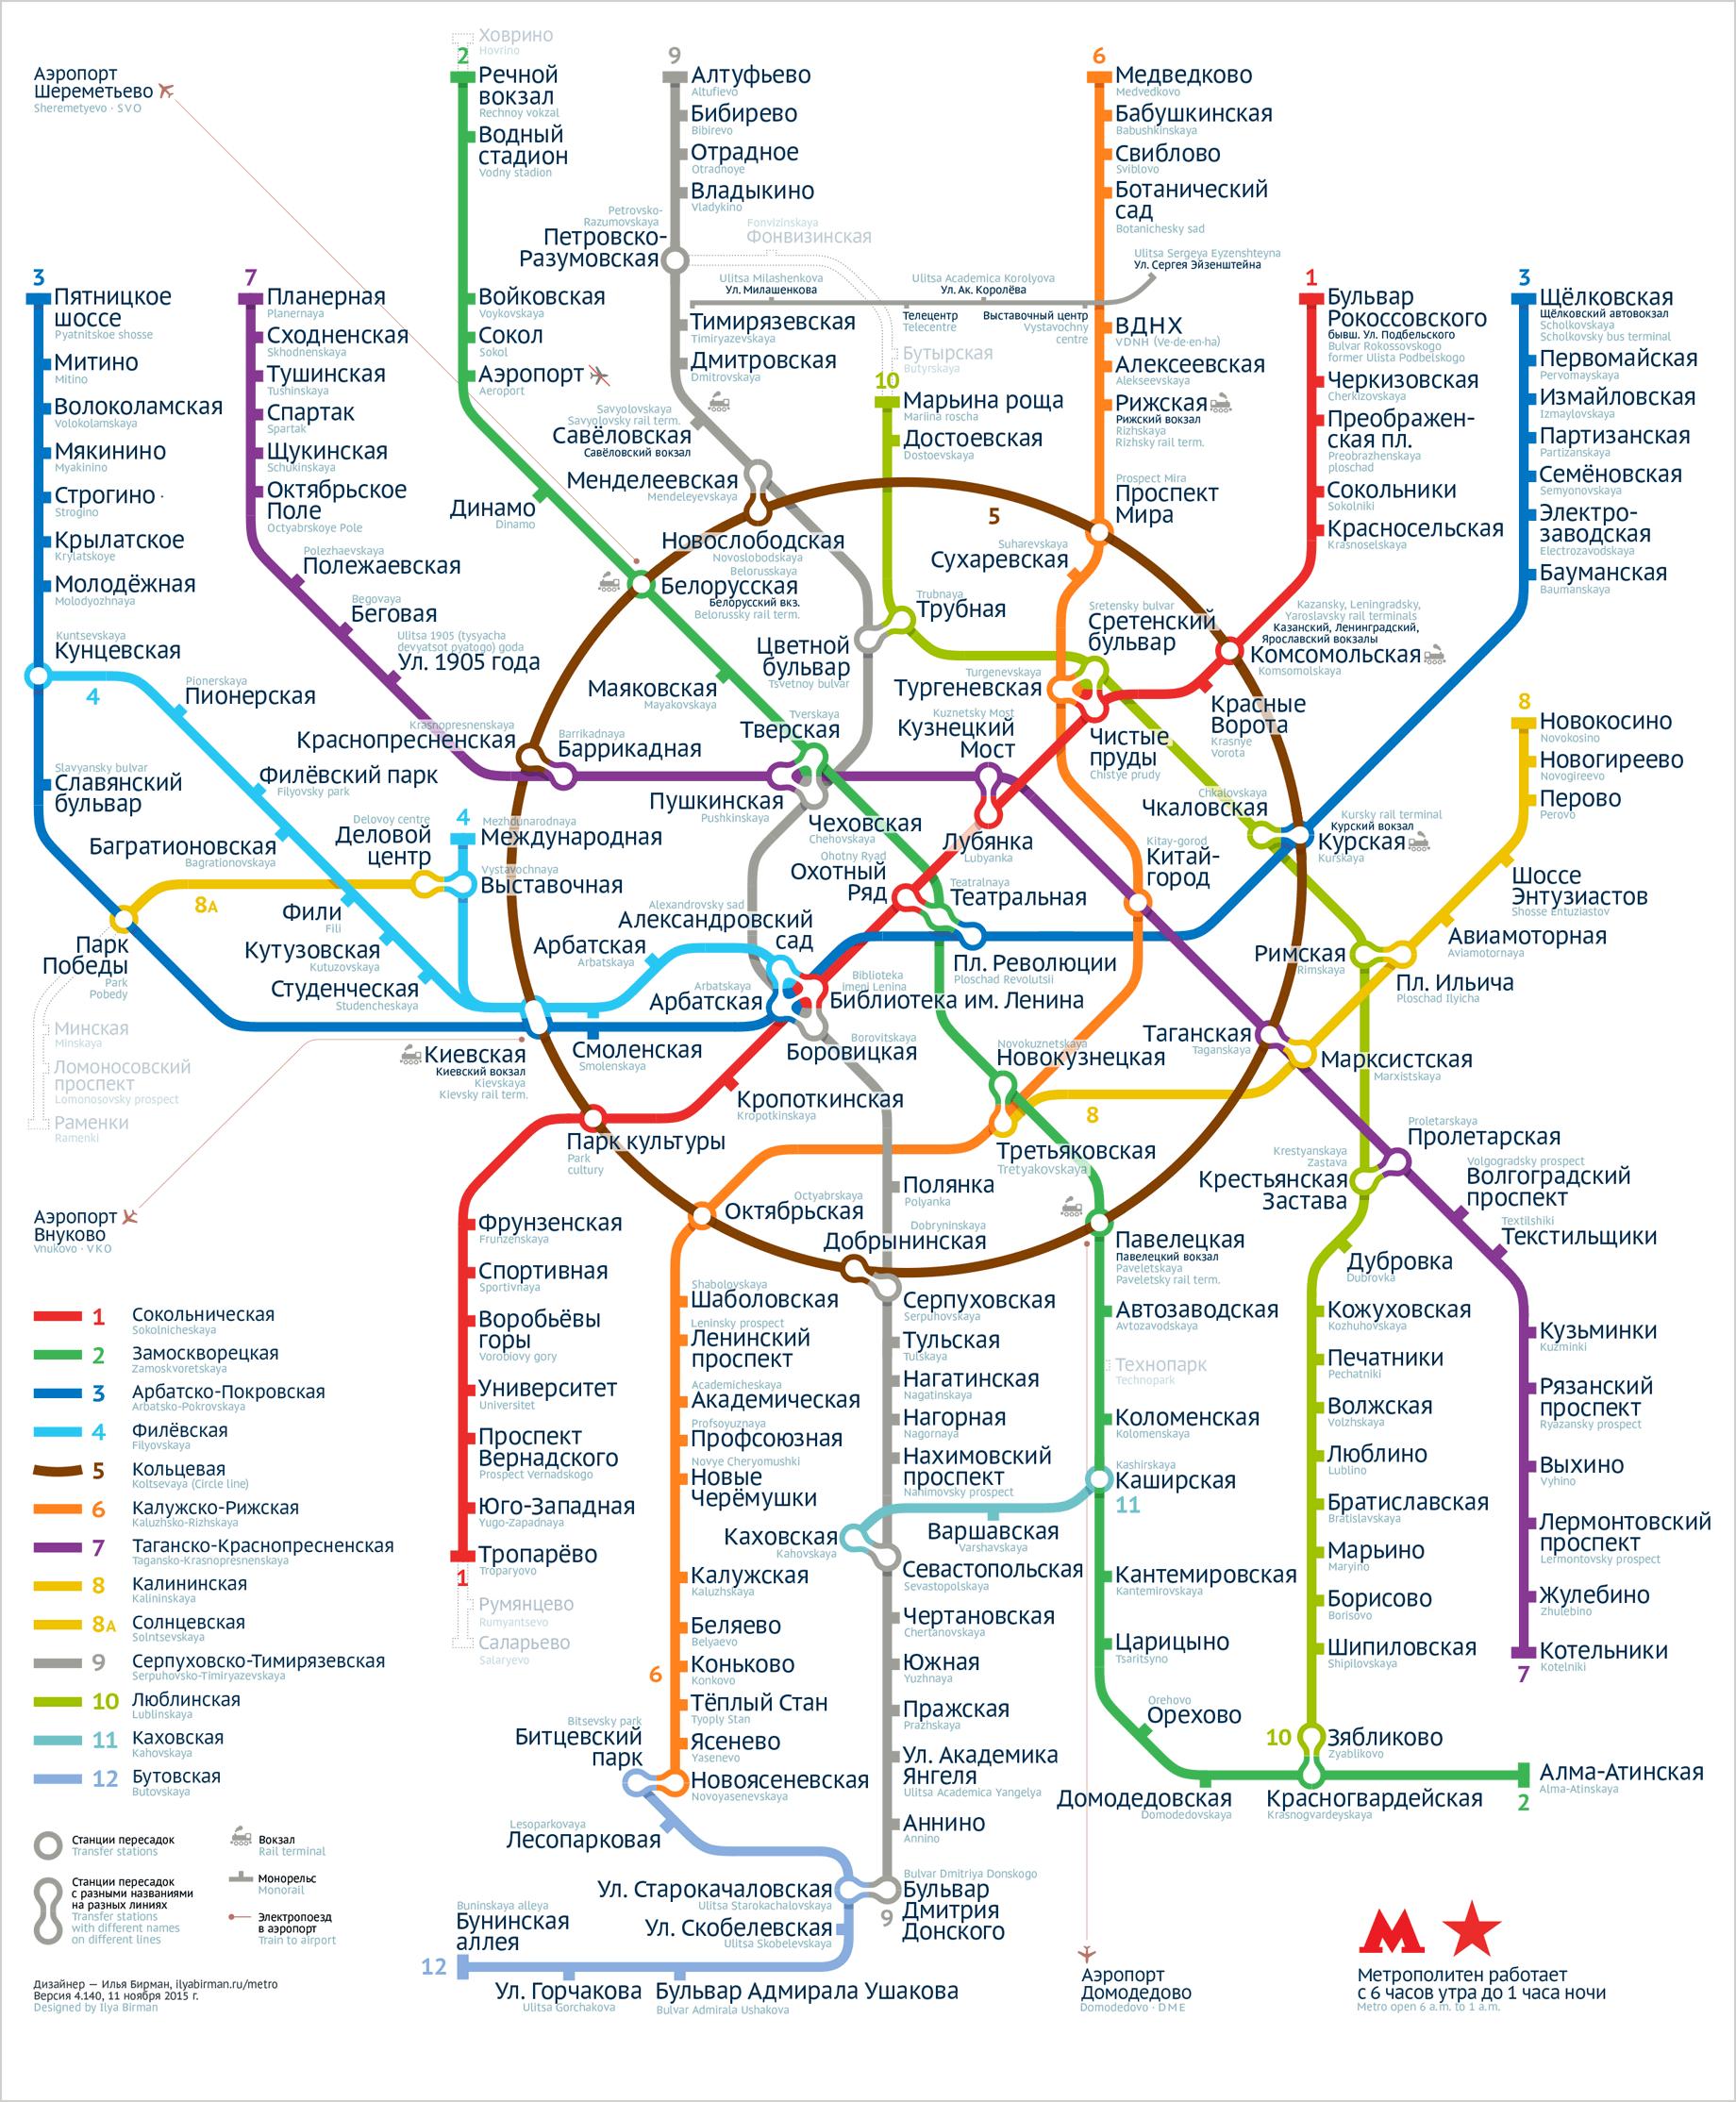 Четвёртая версия схемы московского метро